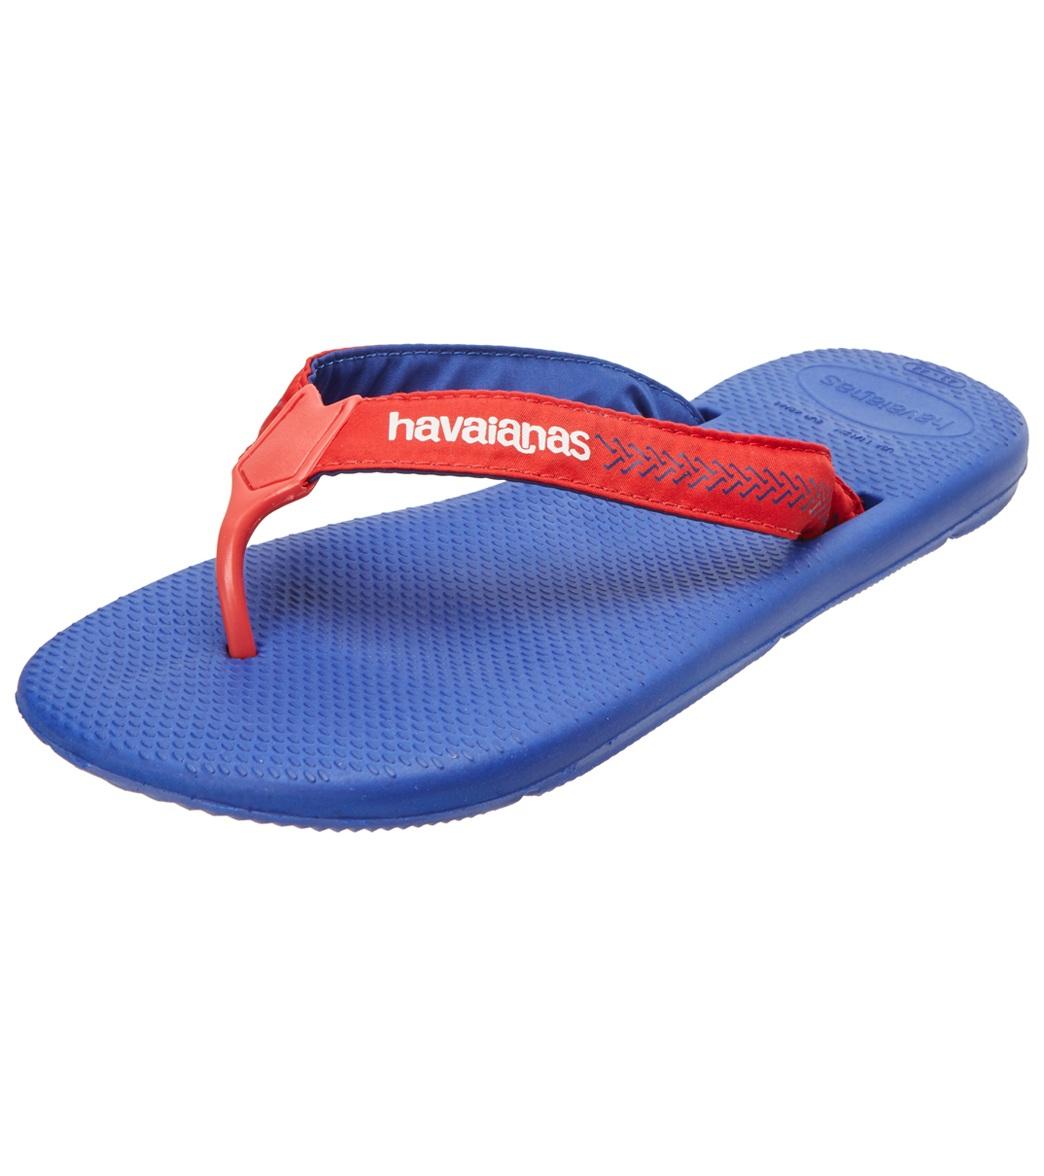 47c1ec21769bde Havaianas Men s Surf Pro Flip Flop at SwimOutlet.com